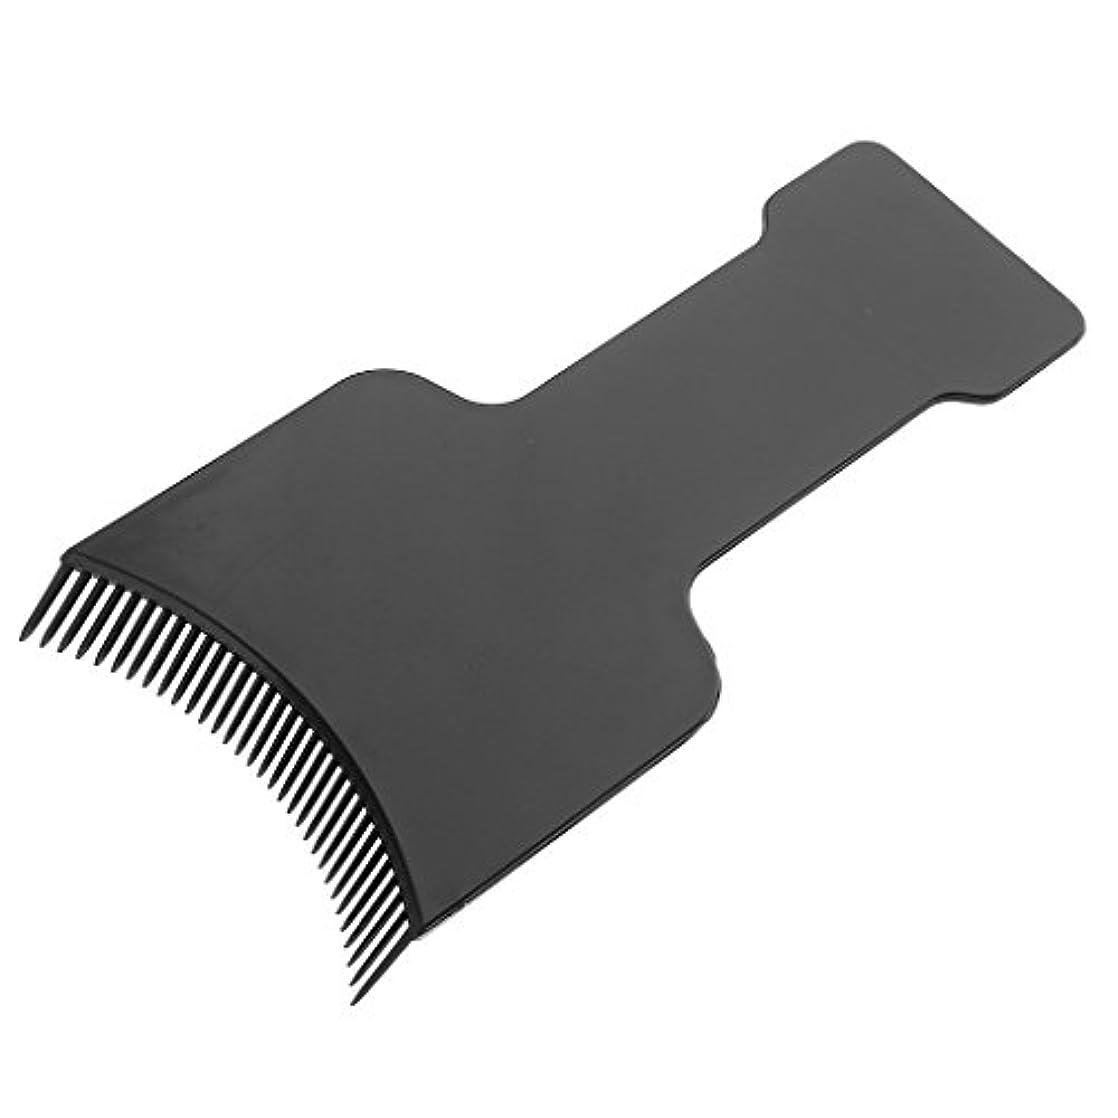 応答背骨彫るサロン ヘアカラー ボード ヘアカラーティント 美容 ヘア 染色 ツール ブラック 全4サイズ - S